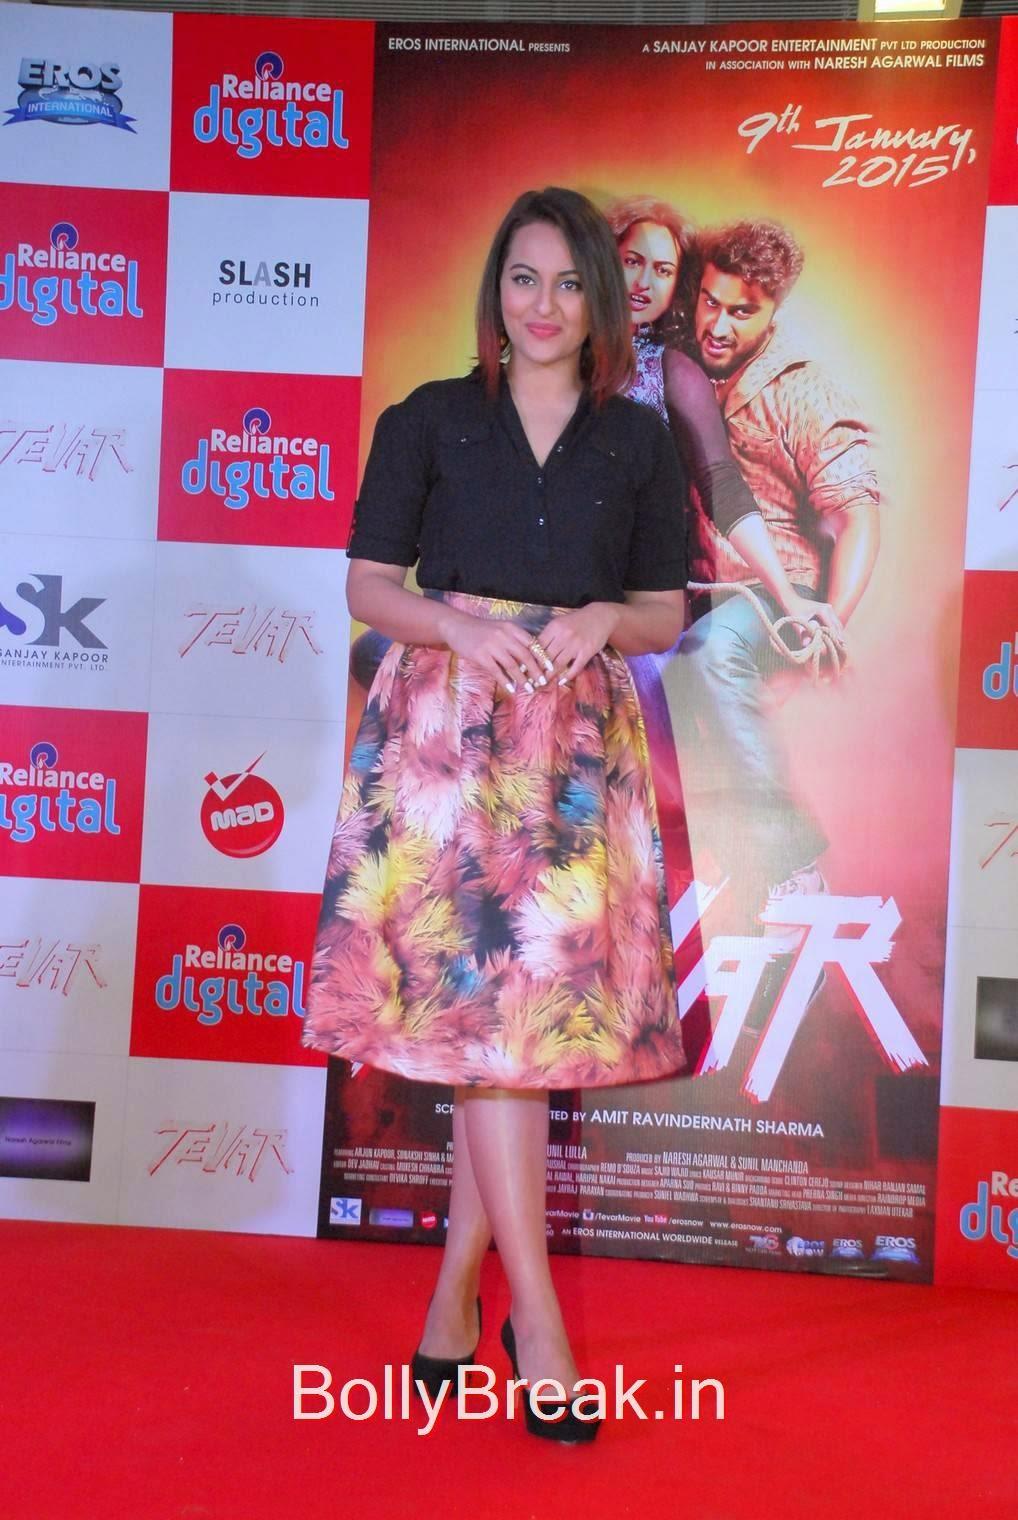 Hindi Actress Sonakshi Sinha, Sonakshi Sinha Hot Pics In Skirt At Reliance Digital Infiniti Mall 2 Malad